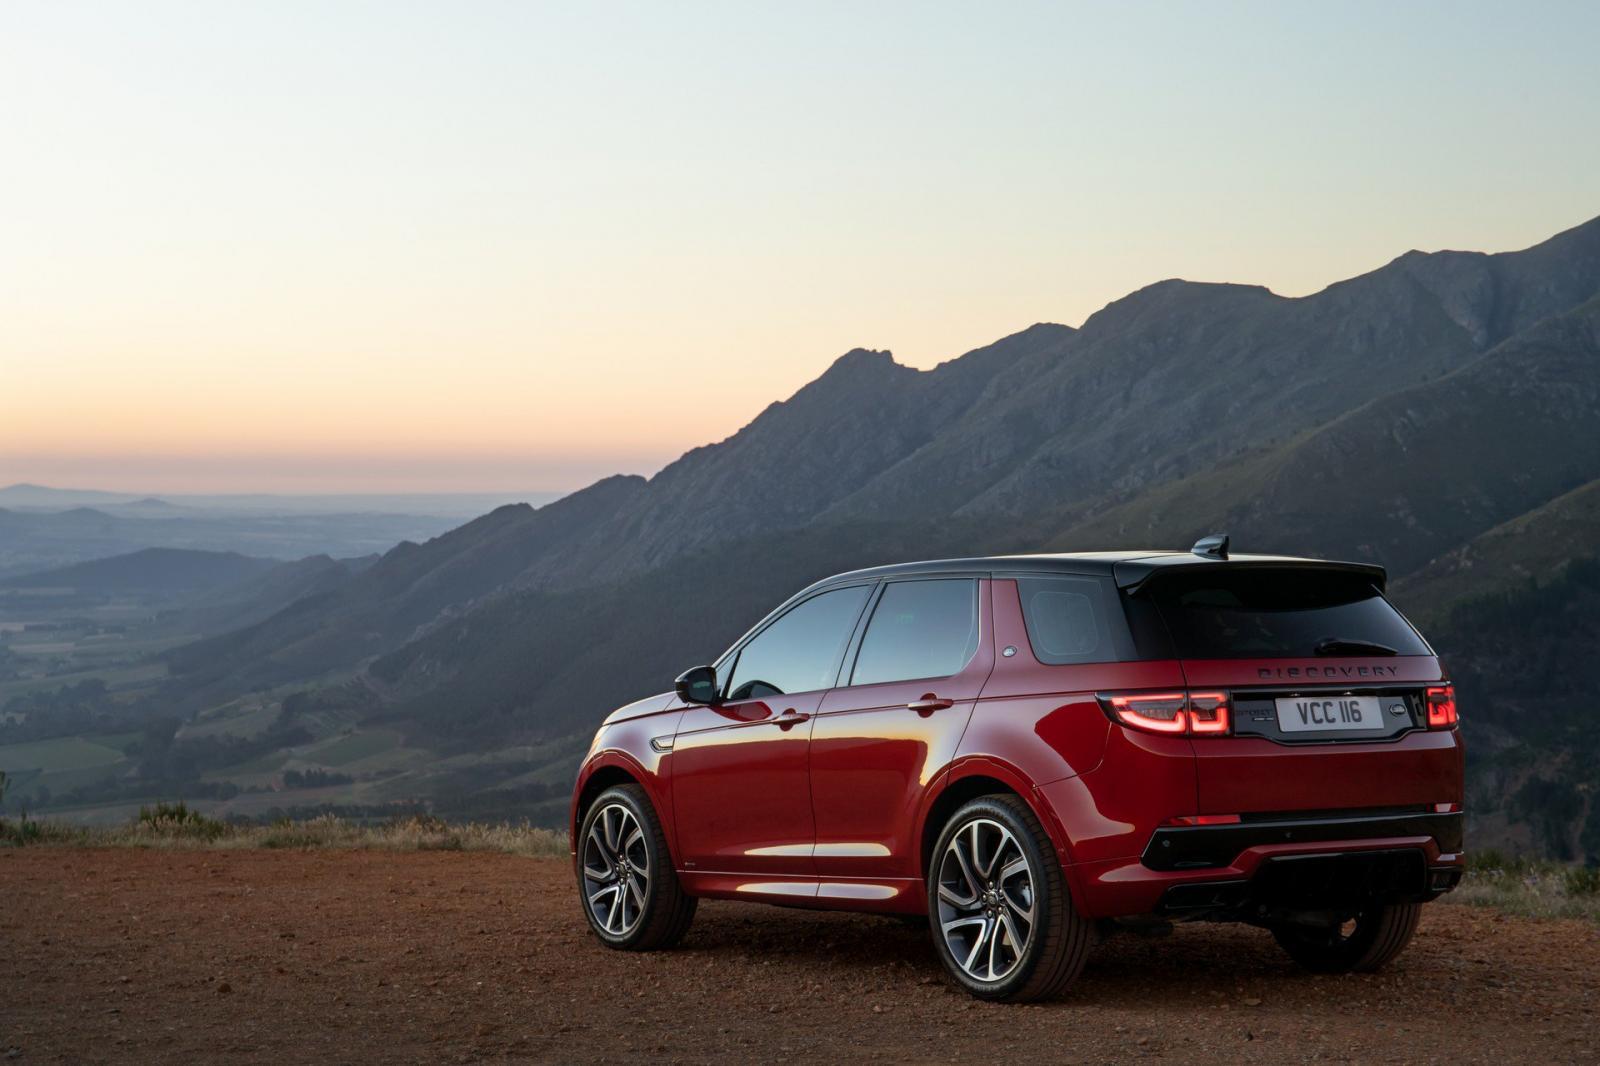 Đánh giá nhanh Land Rover Discovery Sport 2020: Thay đổi nhiều hơn vẻ bề ngoài - Hình 4